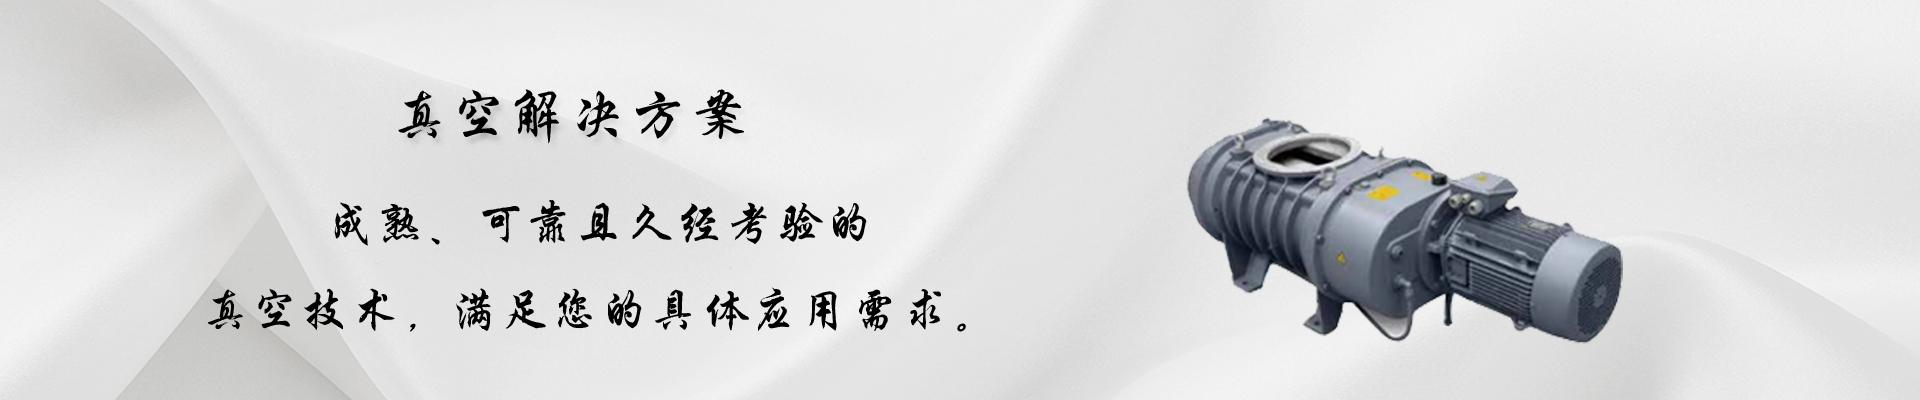 封面4.jpg